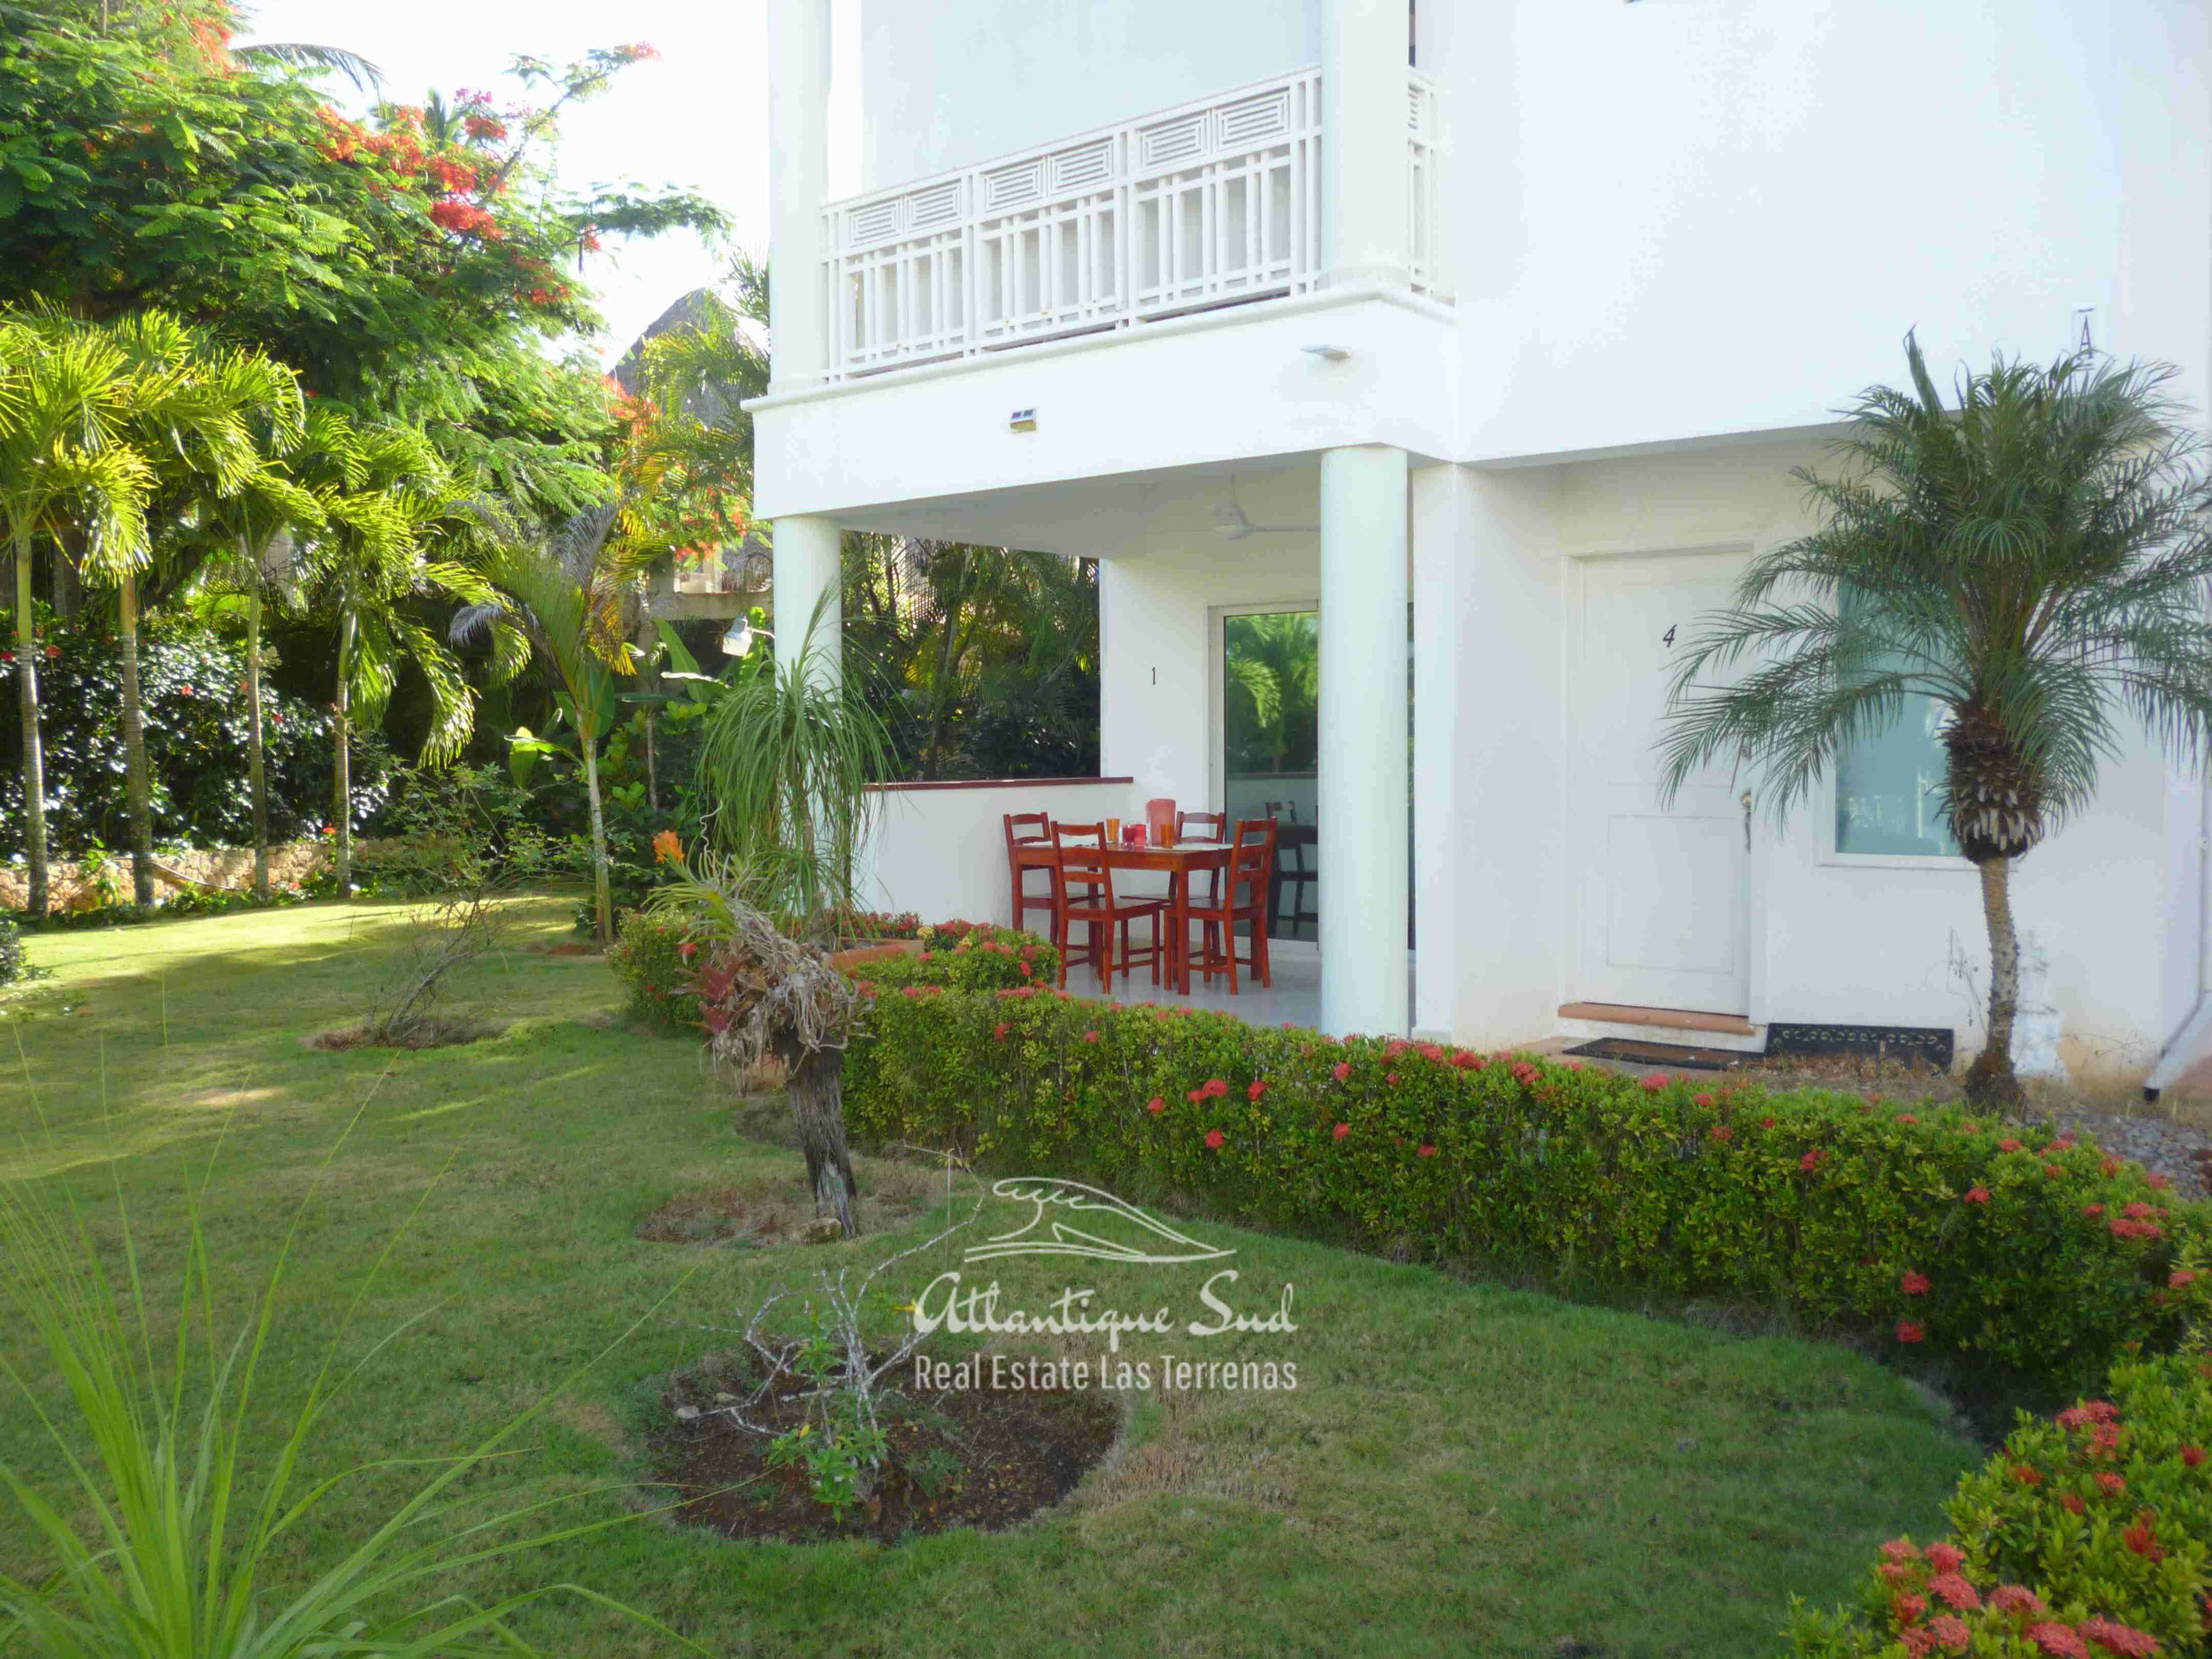 Condo for sale Punta Popy Las Terrenas26.jpg